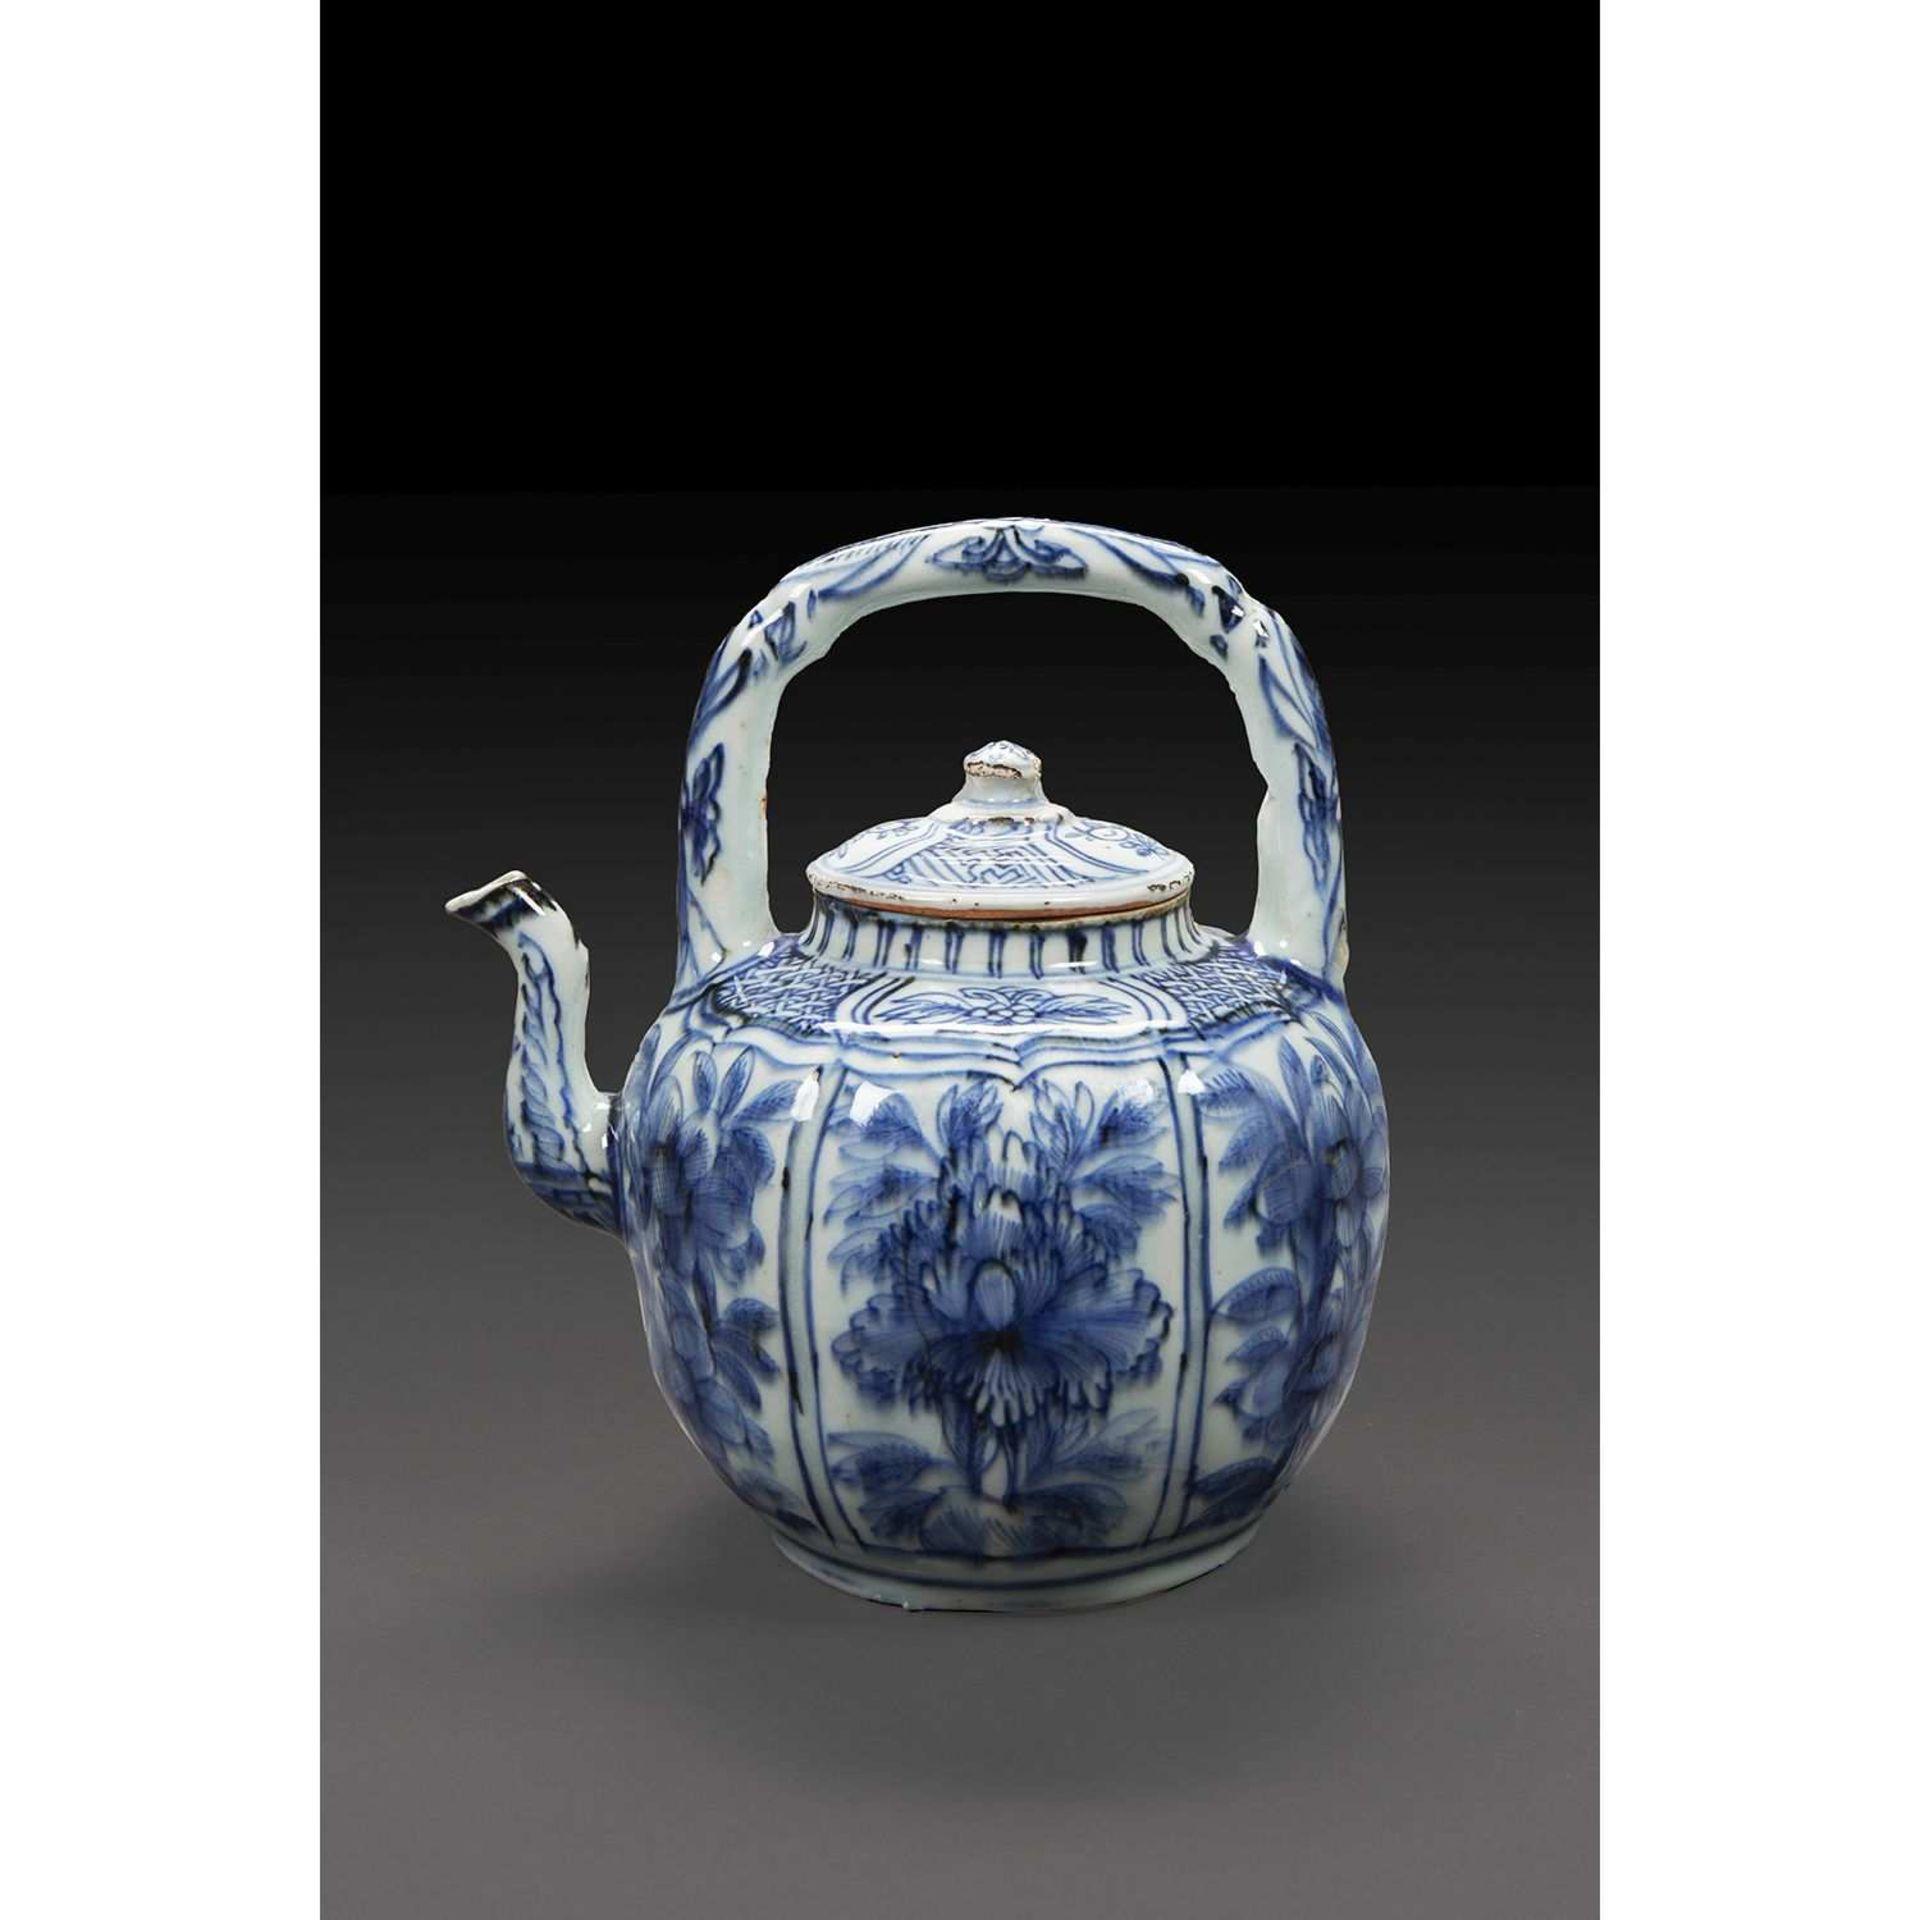 THÉIÈRE en porcelaine et bleu de cobalt sous couverte, la panse côtelée à décor de panneaux